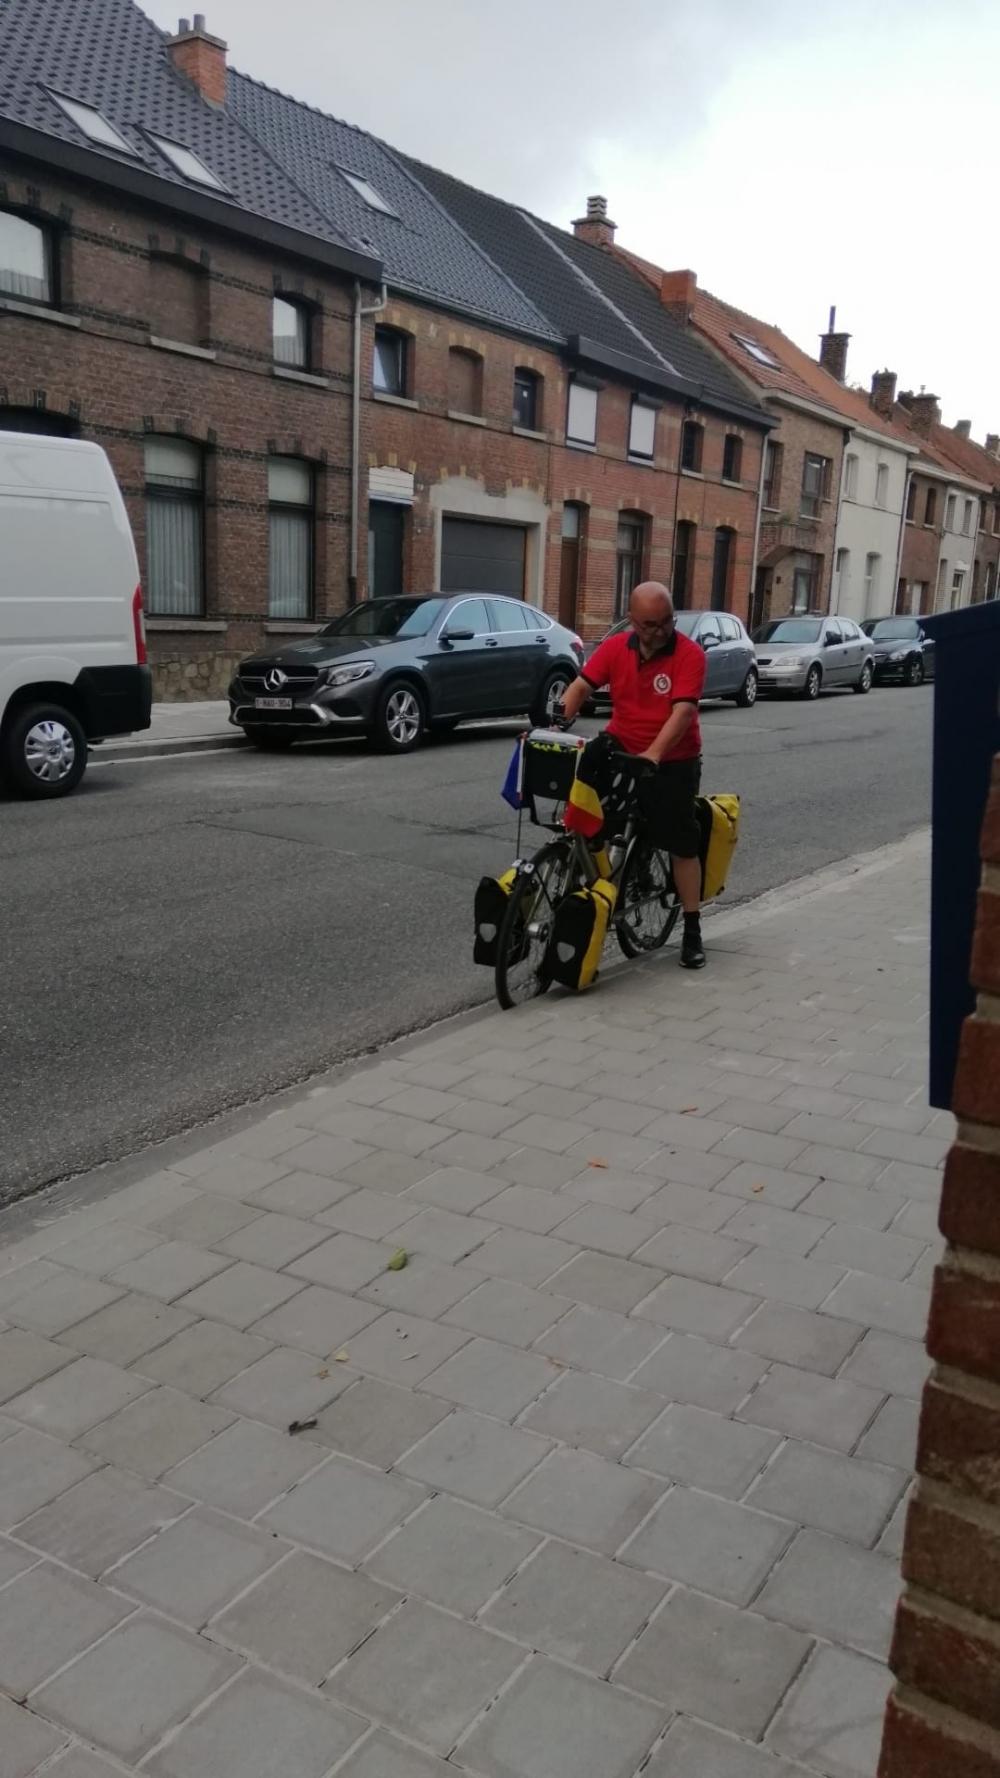 Belçika'dan Kayseri'ye bisikletle yola çıktı galerisi resim 5